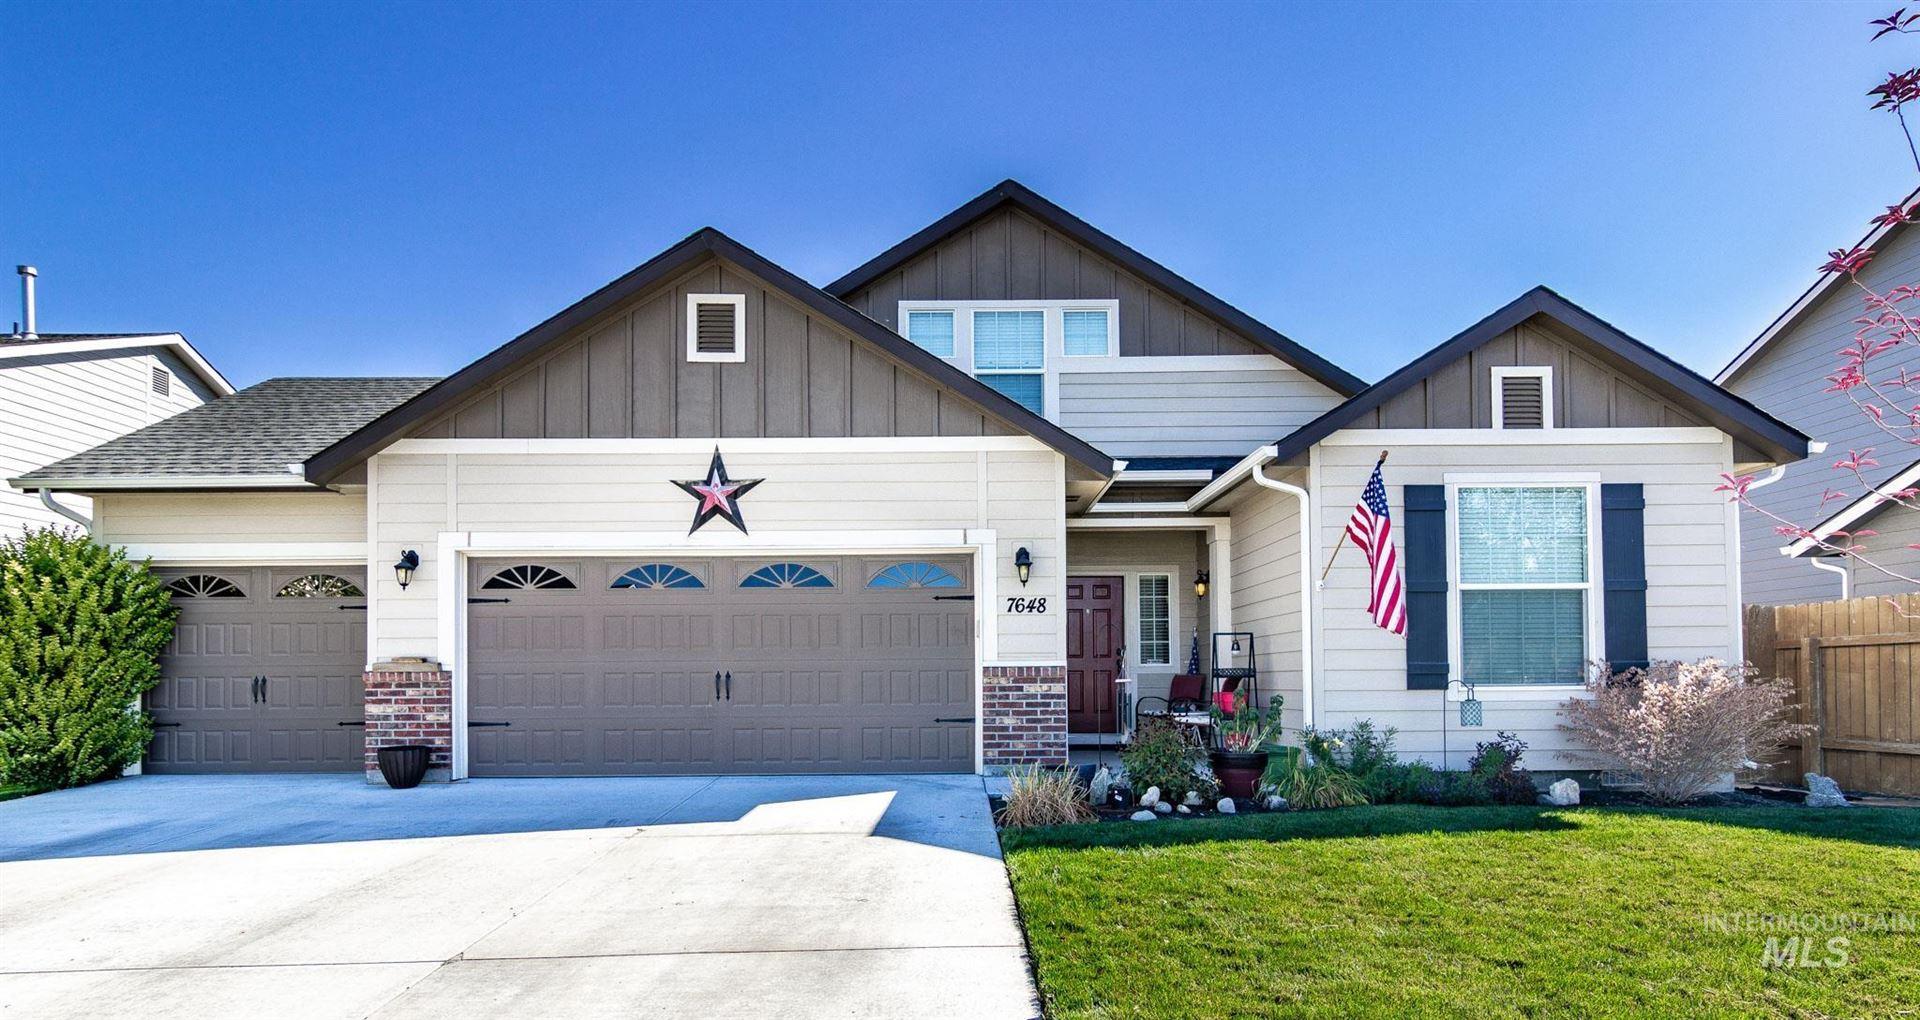 7648 N Robson, Boise, ID 83714 - MLS#: 98820483